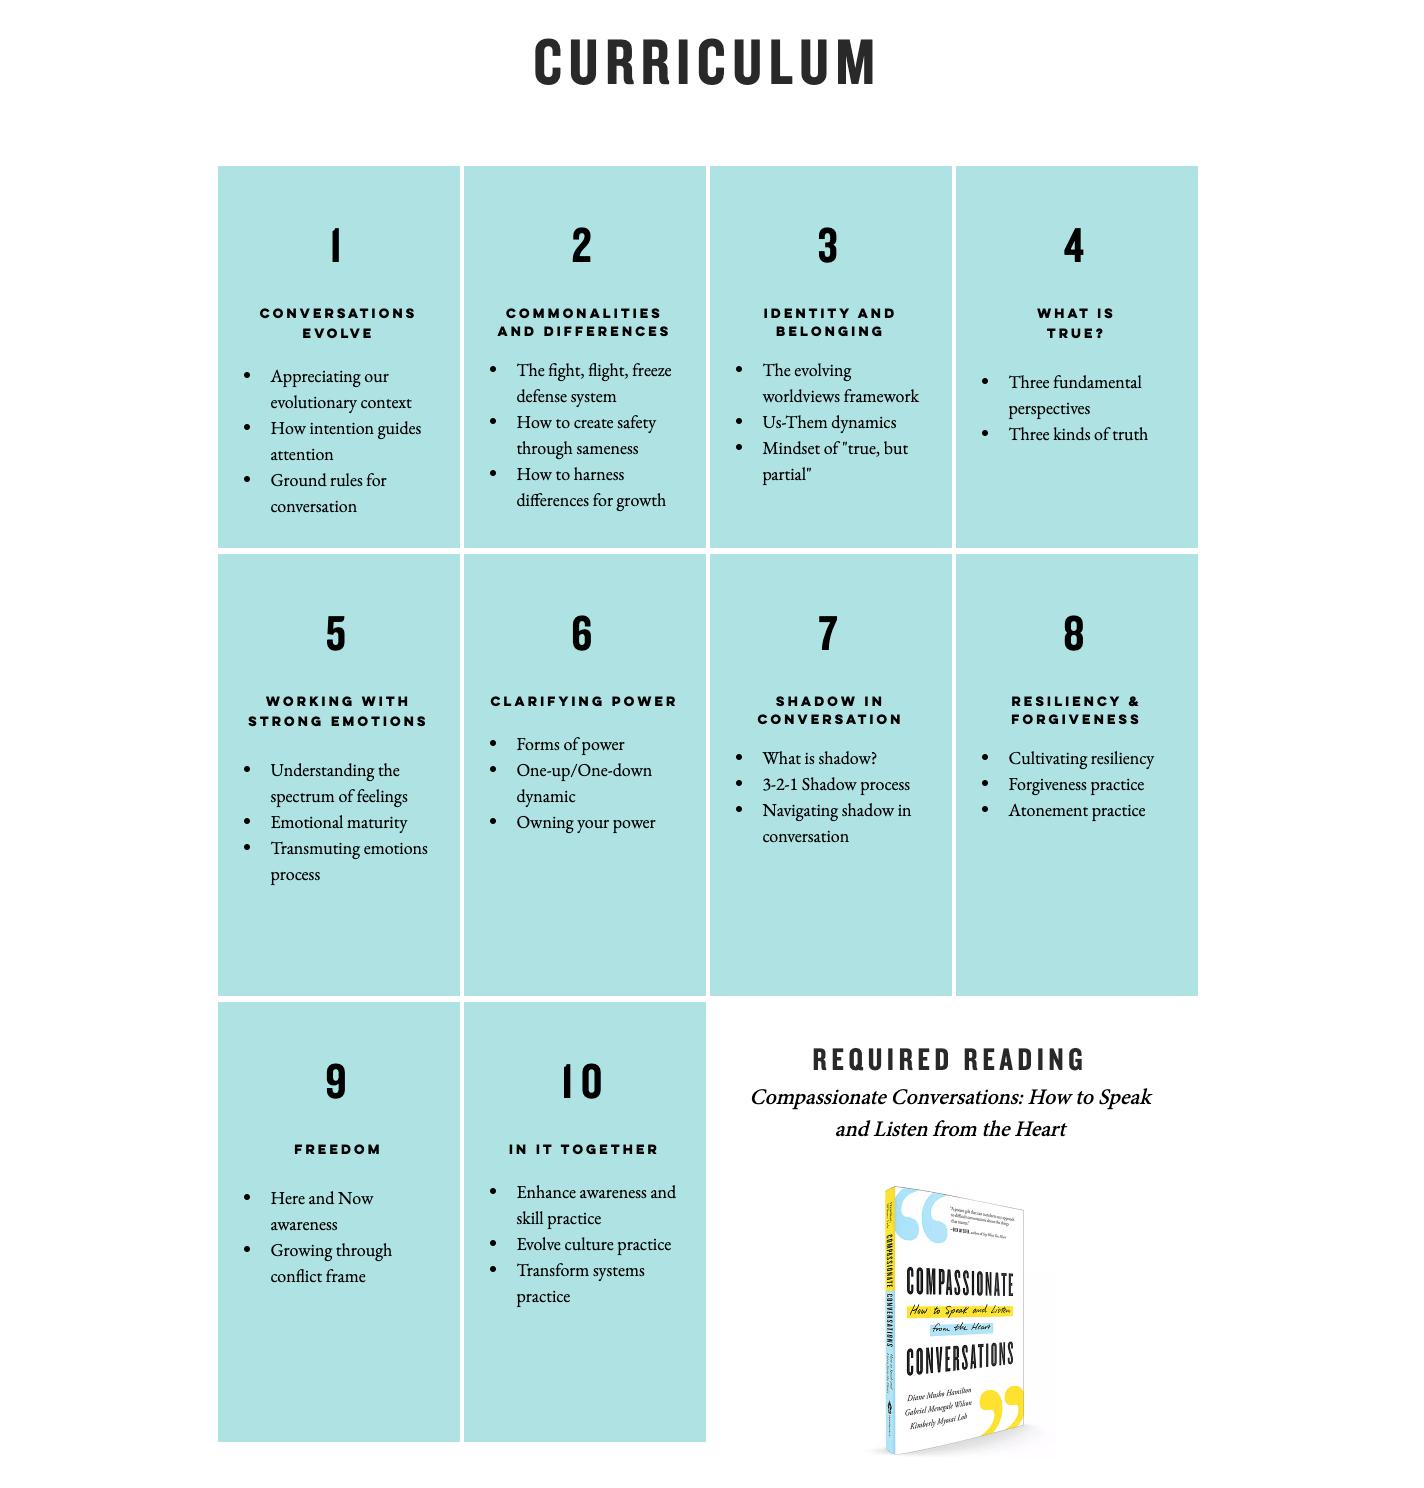 CC curriculum